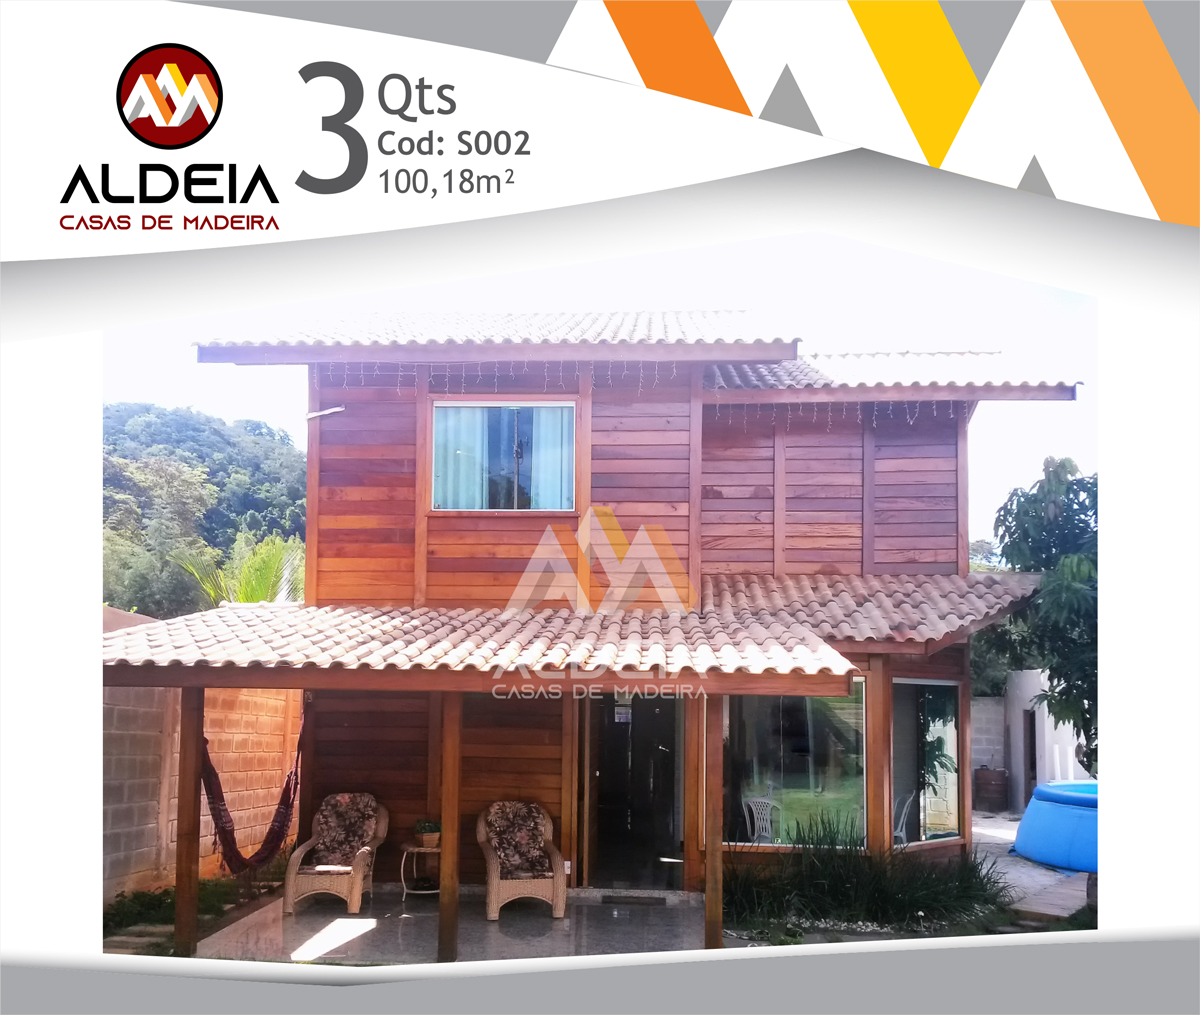 aldeia-casas-madeira-fachada-S002